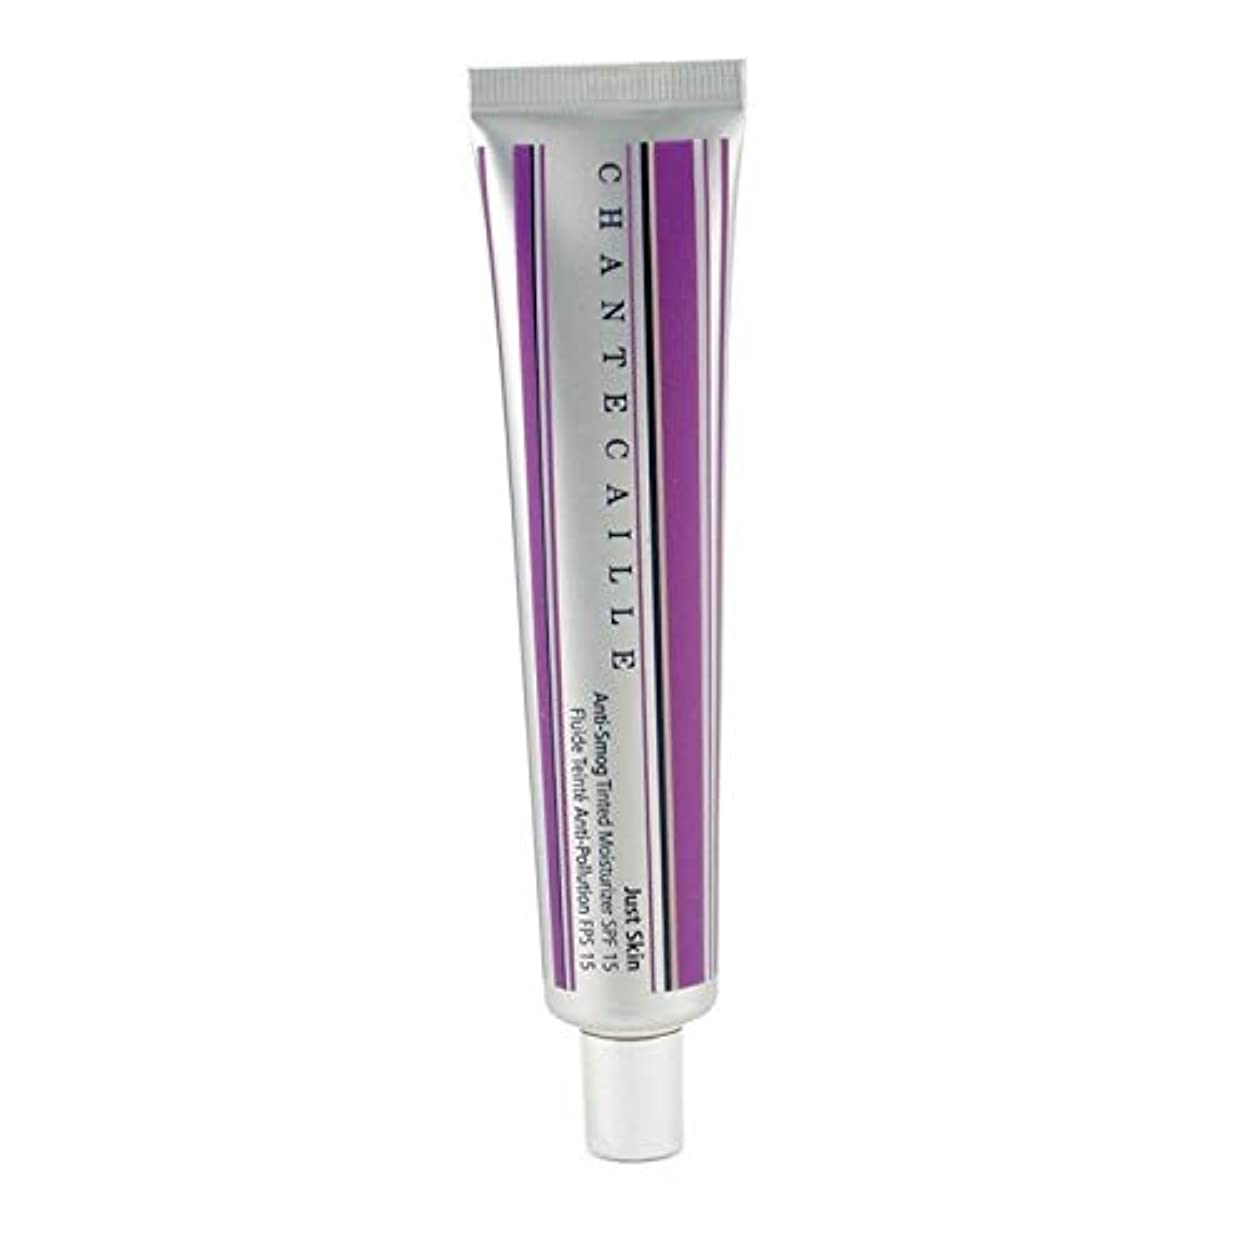 キャンセル楕円形リアルシャンテカイユ ジャストスキン アンチスモッグティンテッドモイスチャライザー SPF15 - Alabaster 50g/1.7oz並行輸入品